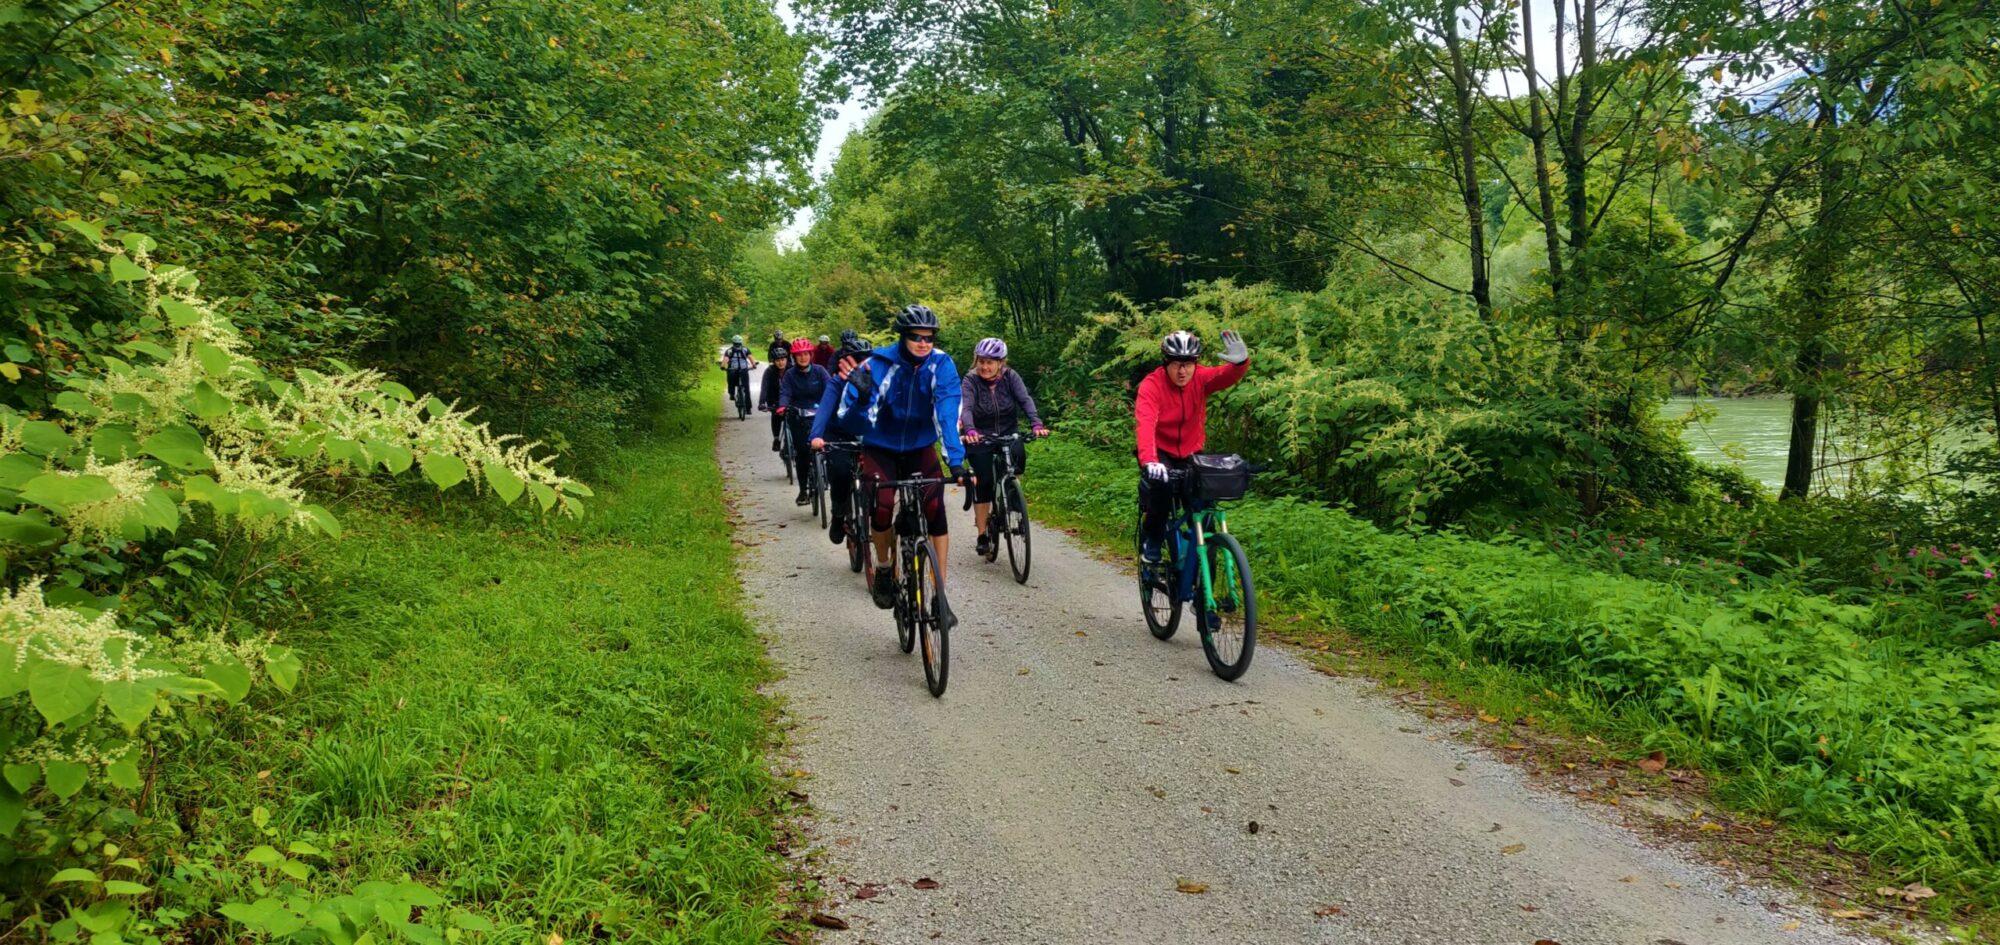 Przejazd rowerami przez las